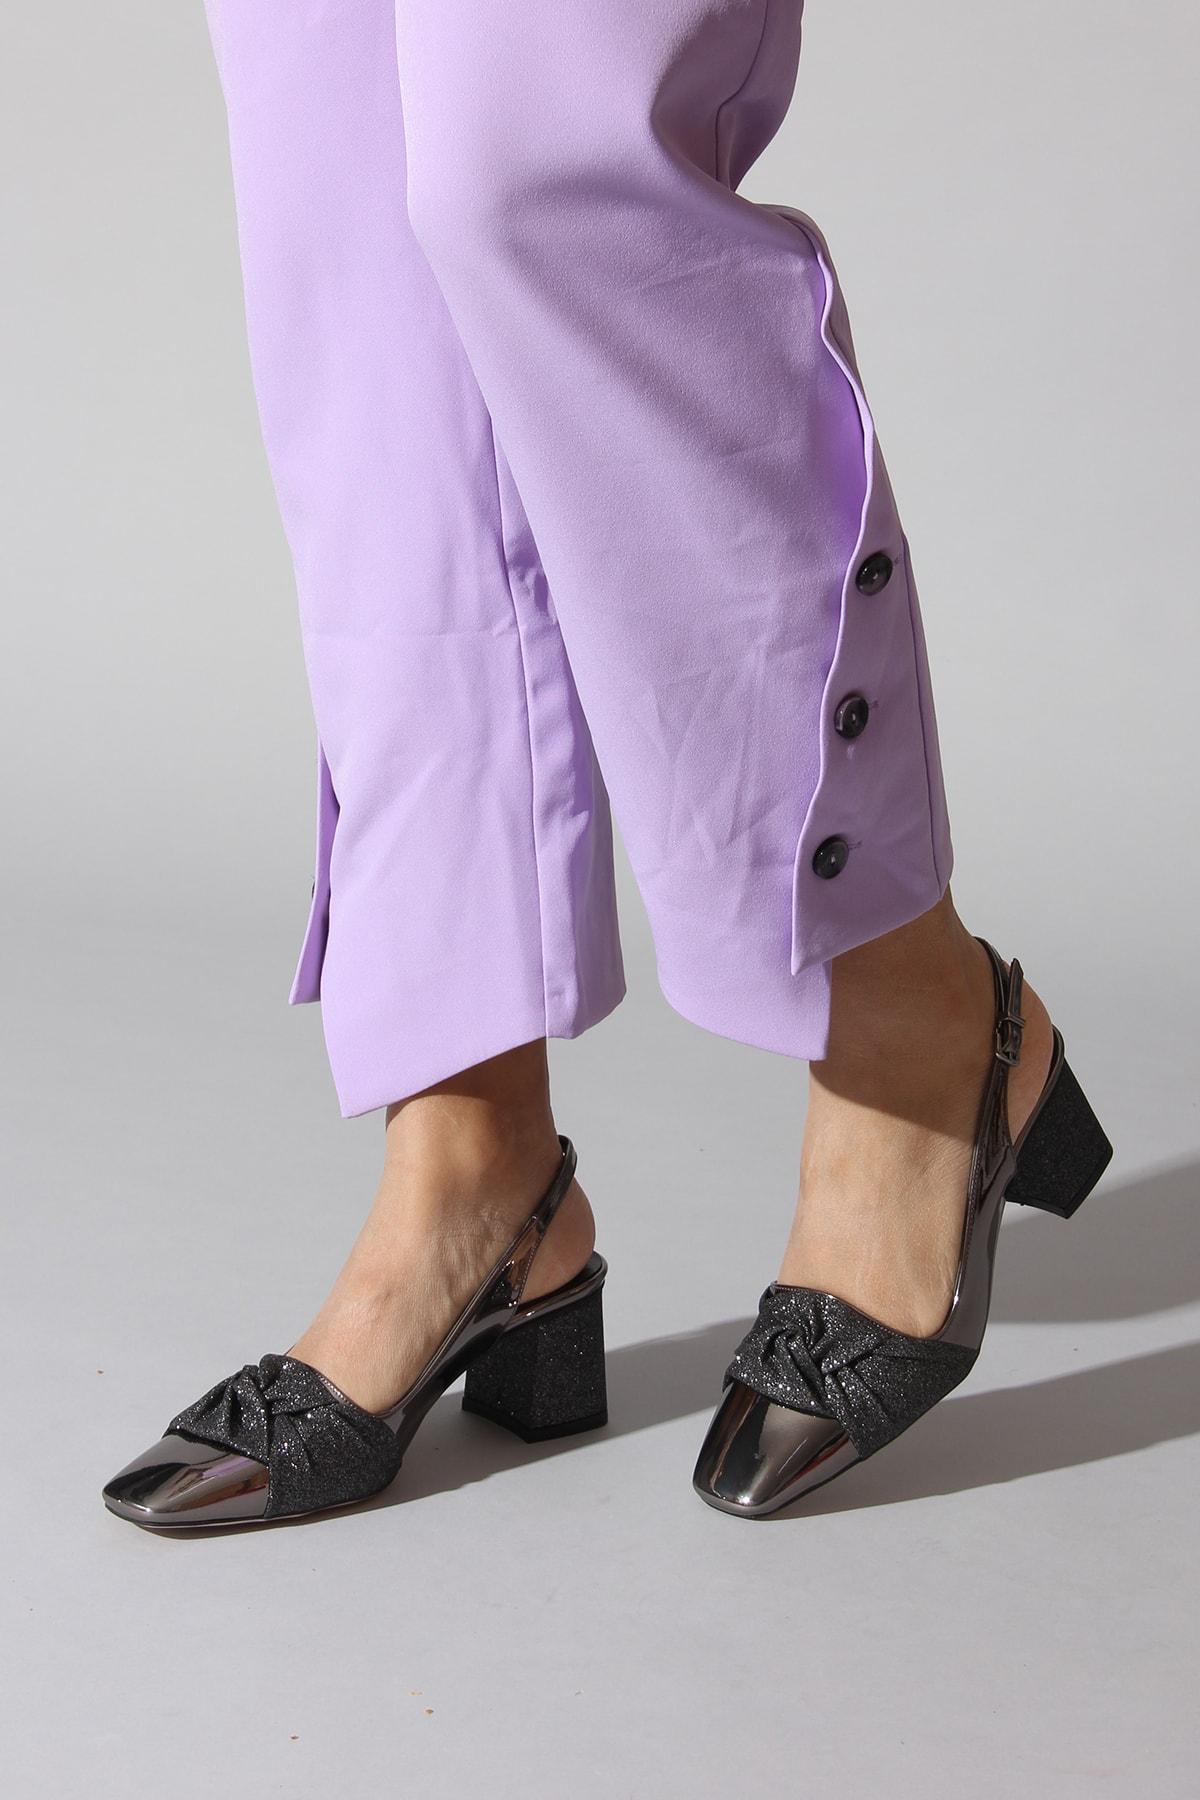 Rovigo Platin Kadın Dolgu Topuklu Ayakkabı 1068.0000578.13.424